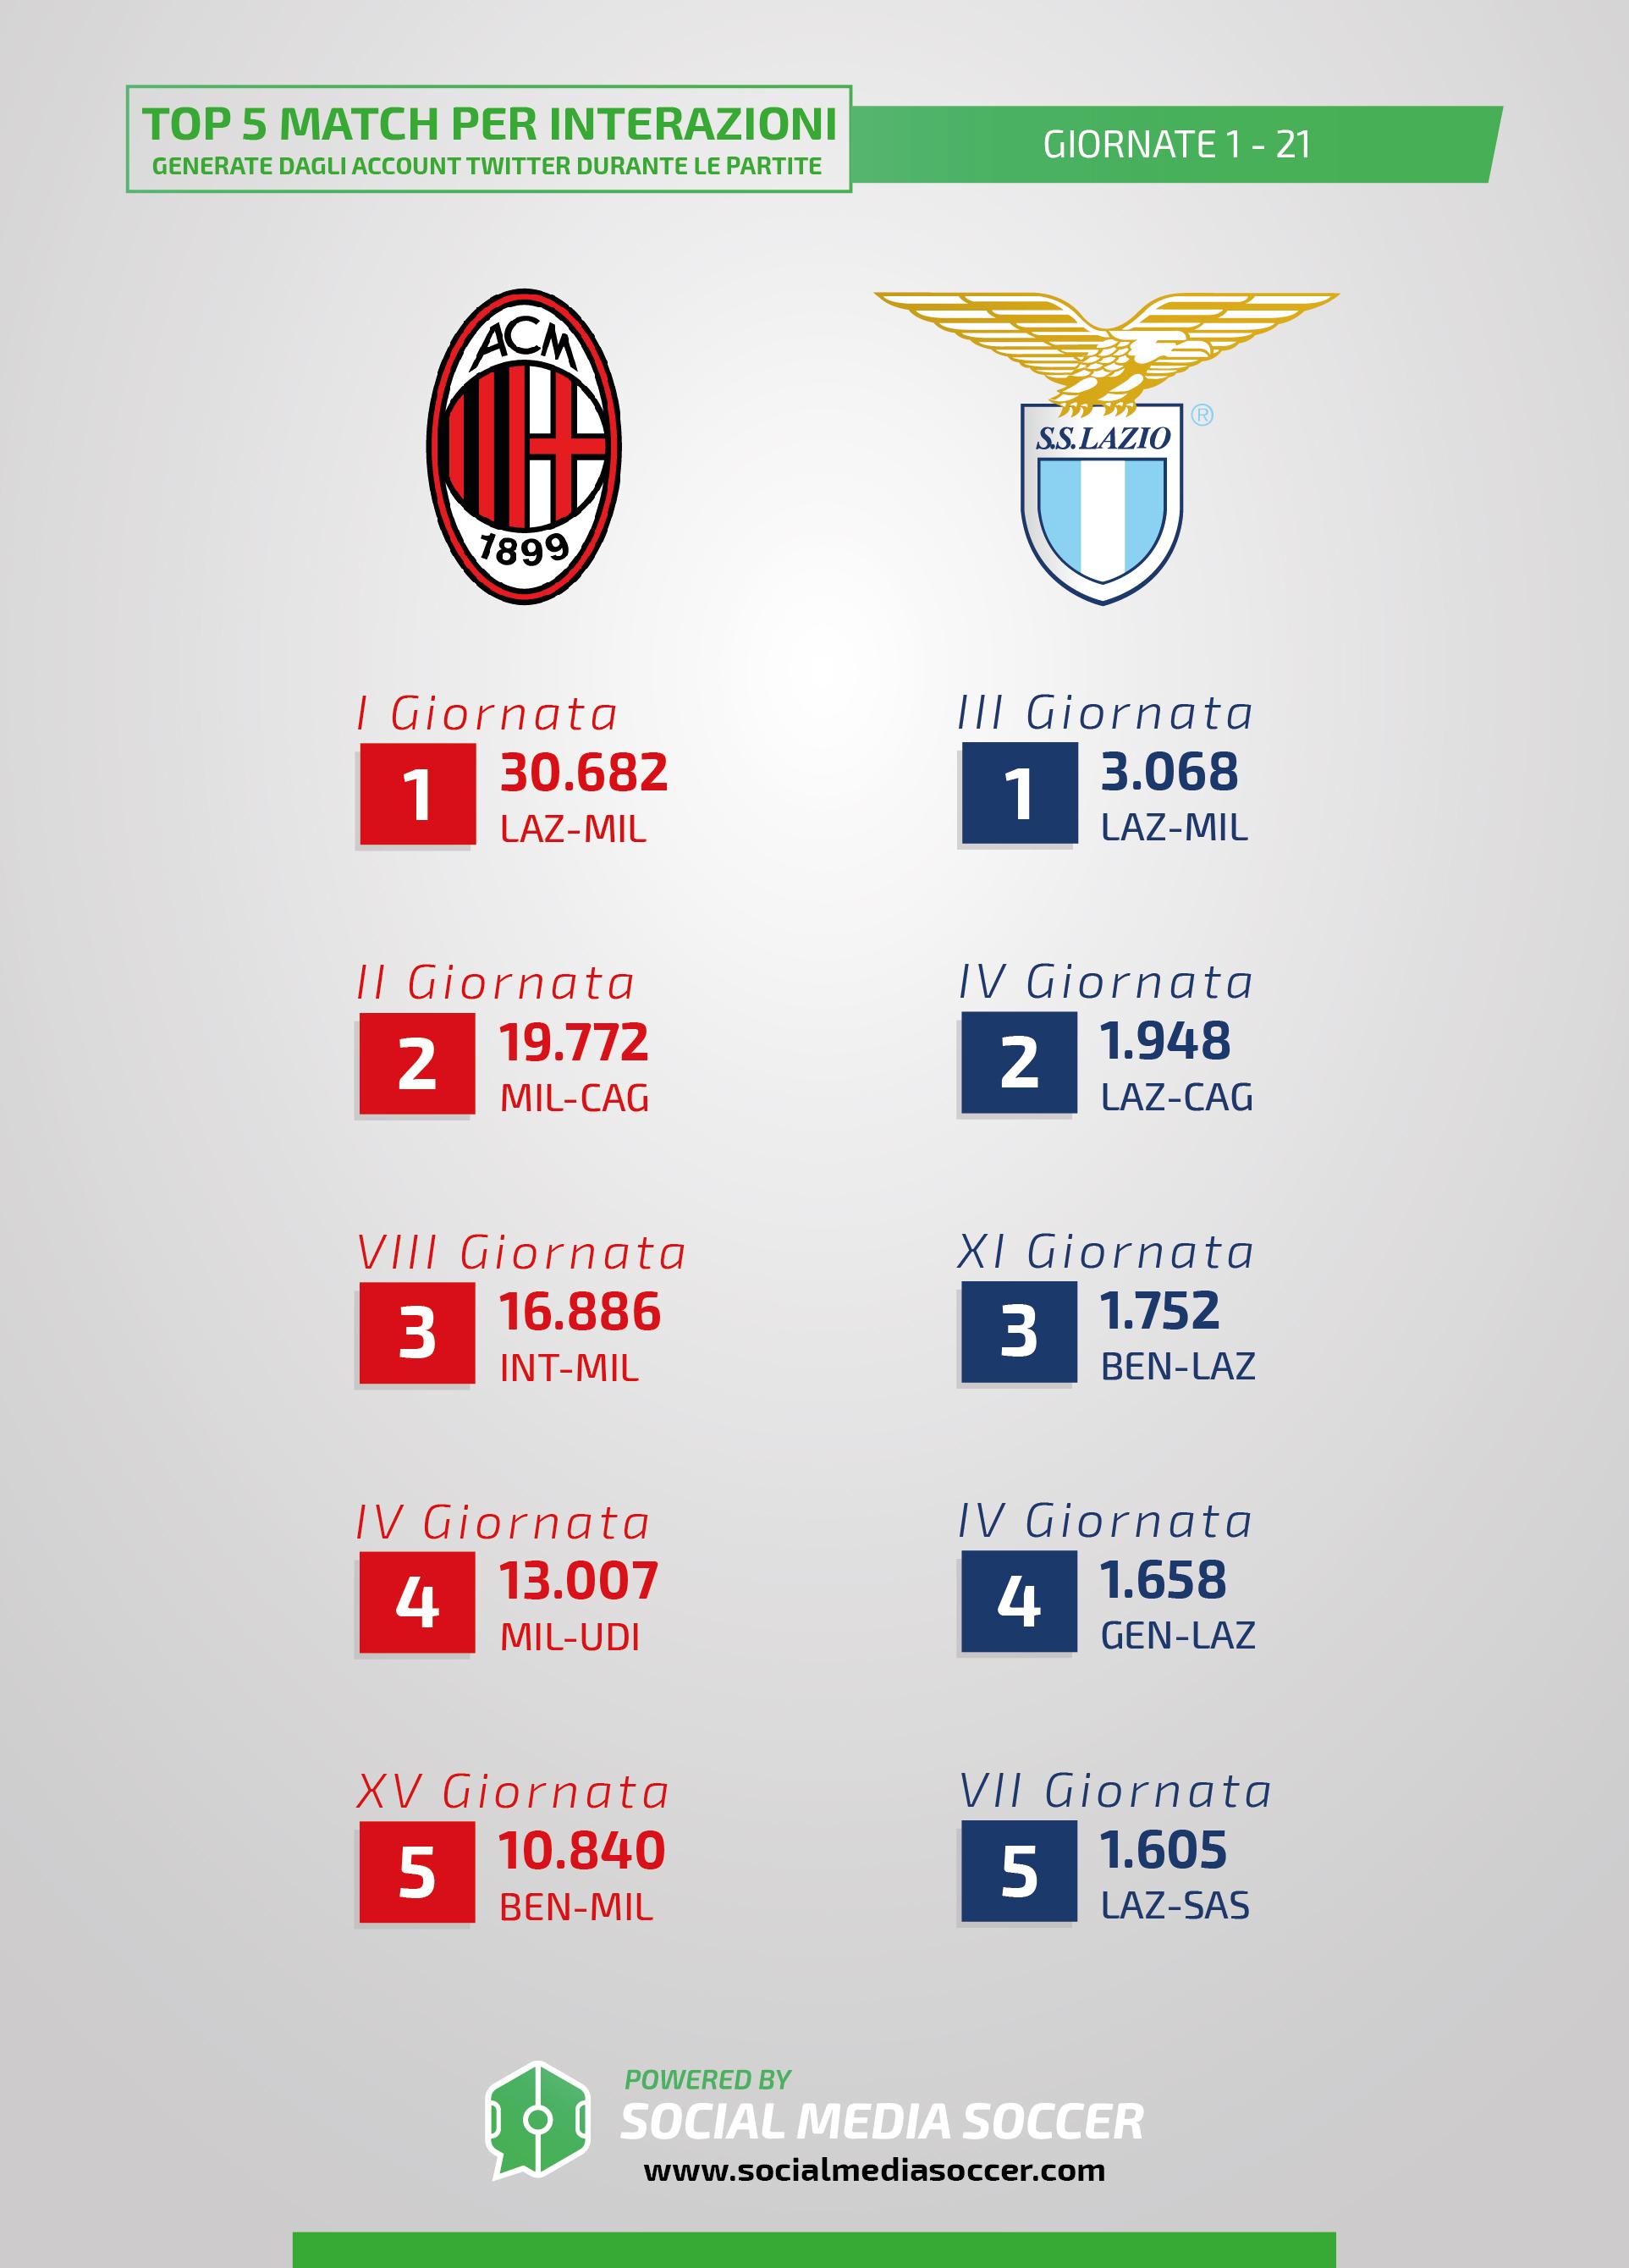 Milan-Lazio Interazioni ultime partite